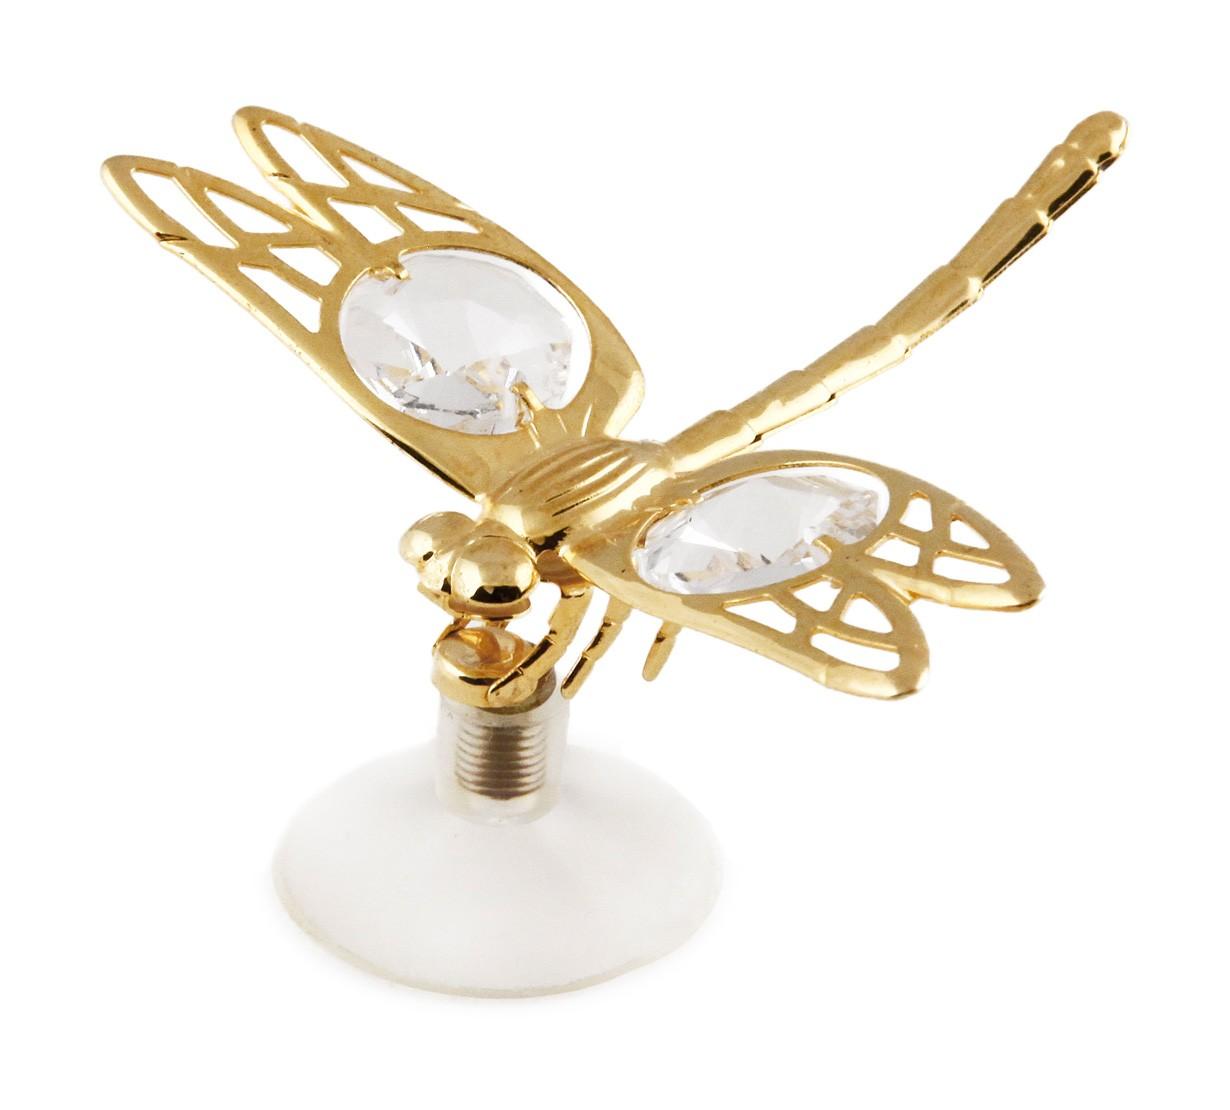 Libelula cu Magnet cu Cristale Swarovski - placata cu Aur 24K